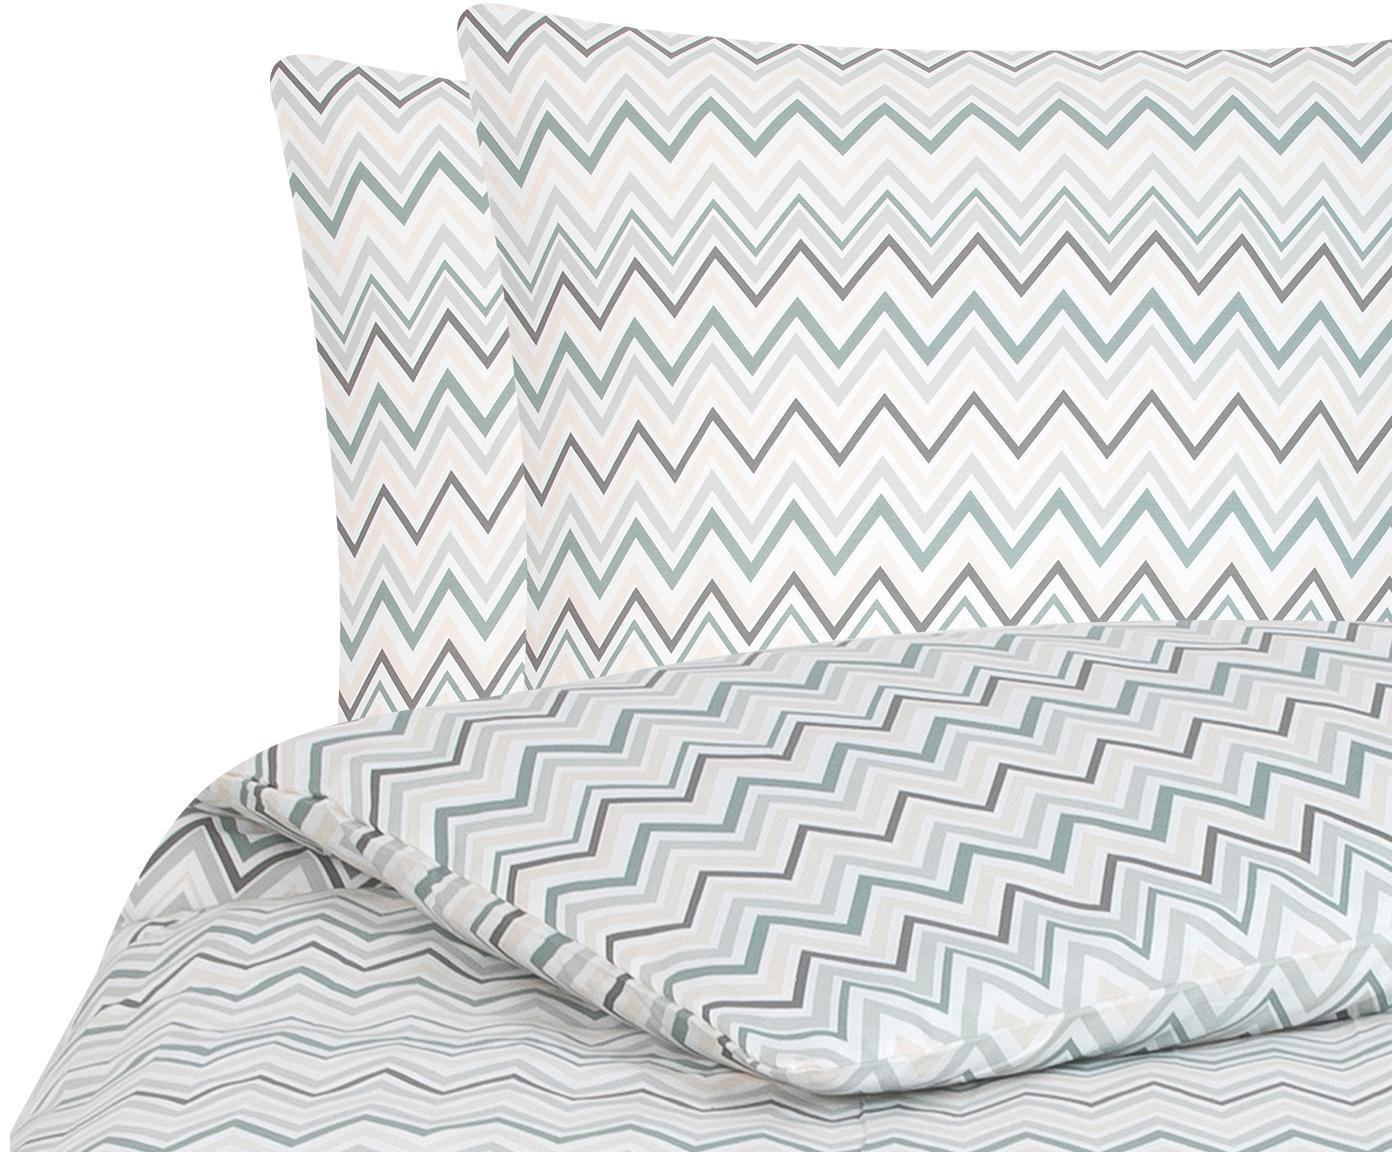 Baumwollsatin-Bettwäsche Maui mit Zickzack-Muster, Webart: Satin Fadendichte 200 TC,, Weiß, Grün, 200 x 200 cm + 2 Kissen 80 x 80 cm